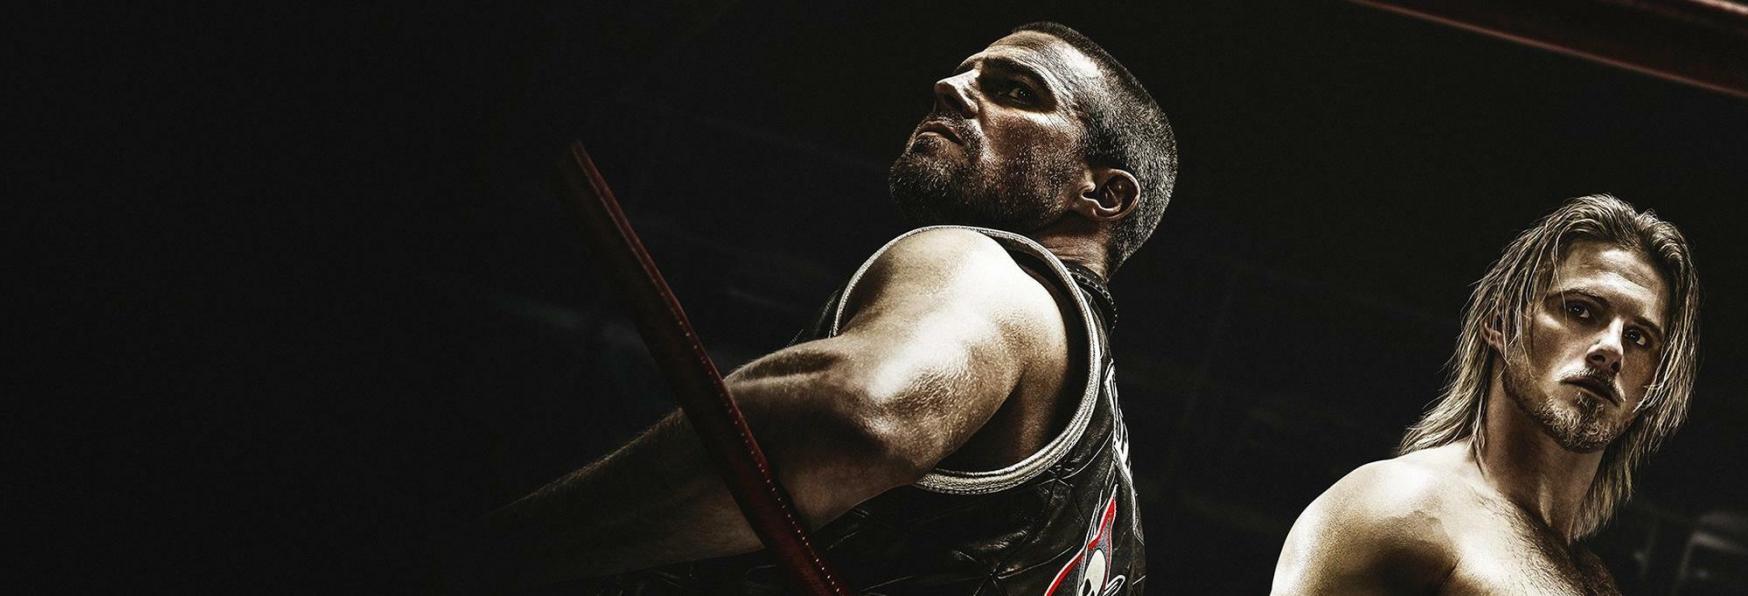 Heels: Trama, Cast, Curiosità, Trailer e Data di Uscita della nuova Serie TV sul Wrestling